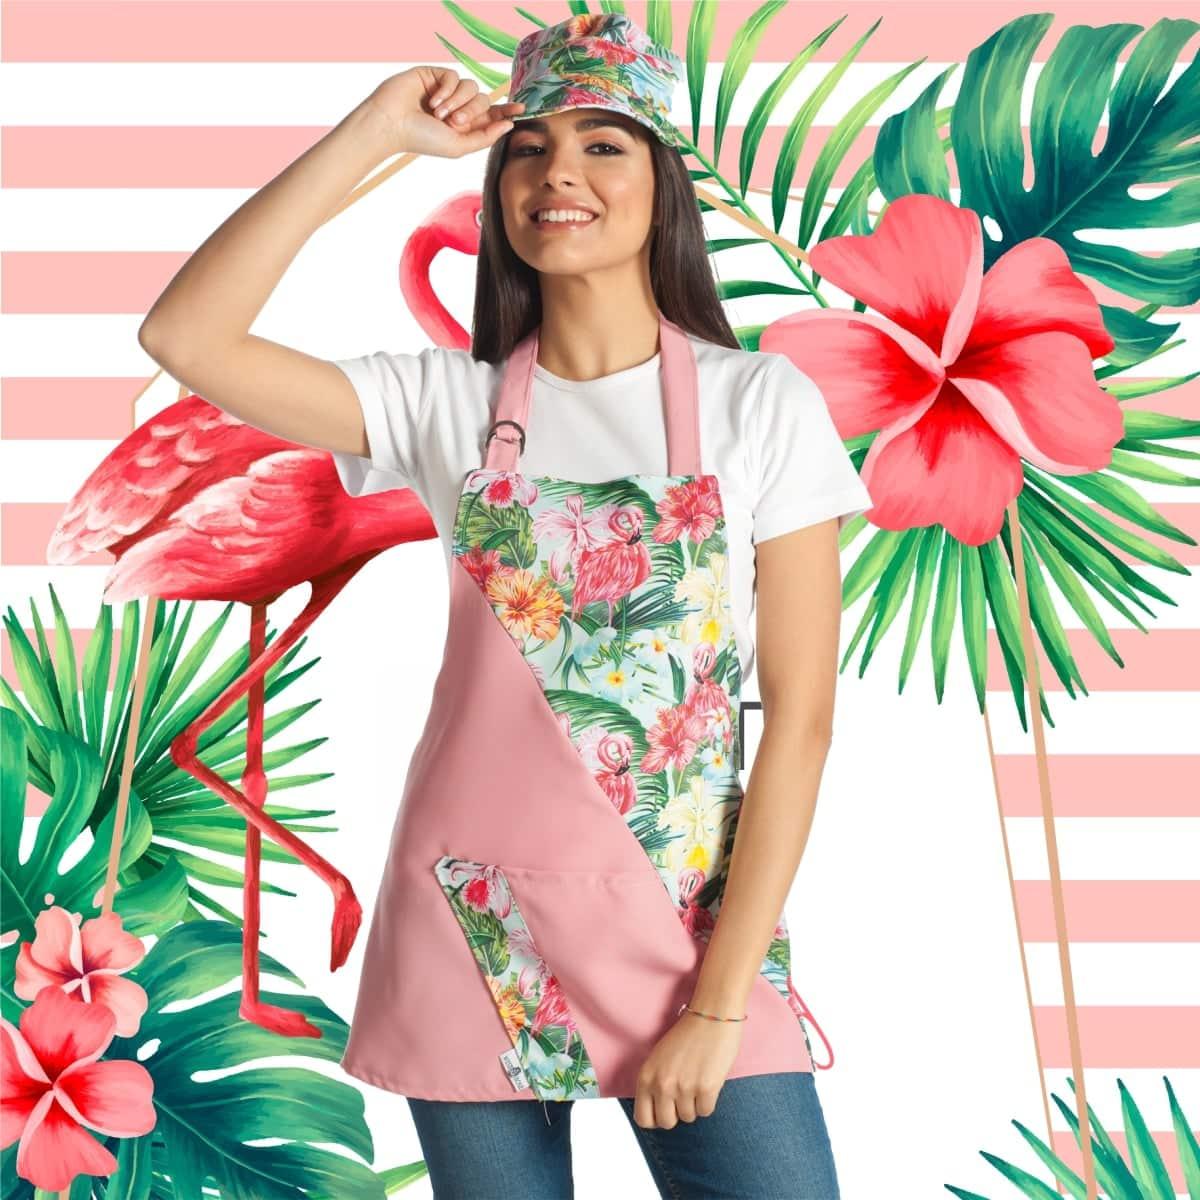 stella-rosa-gelateria-donna-flamingo-bio-milano-grembiuli-bar-e-pasticceria